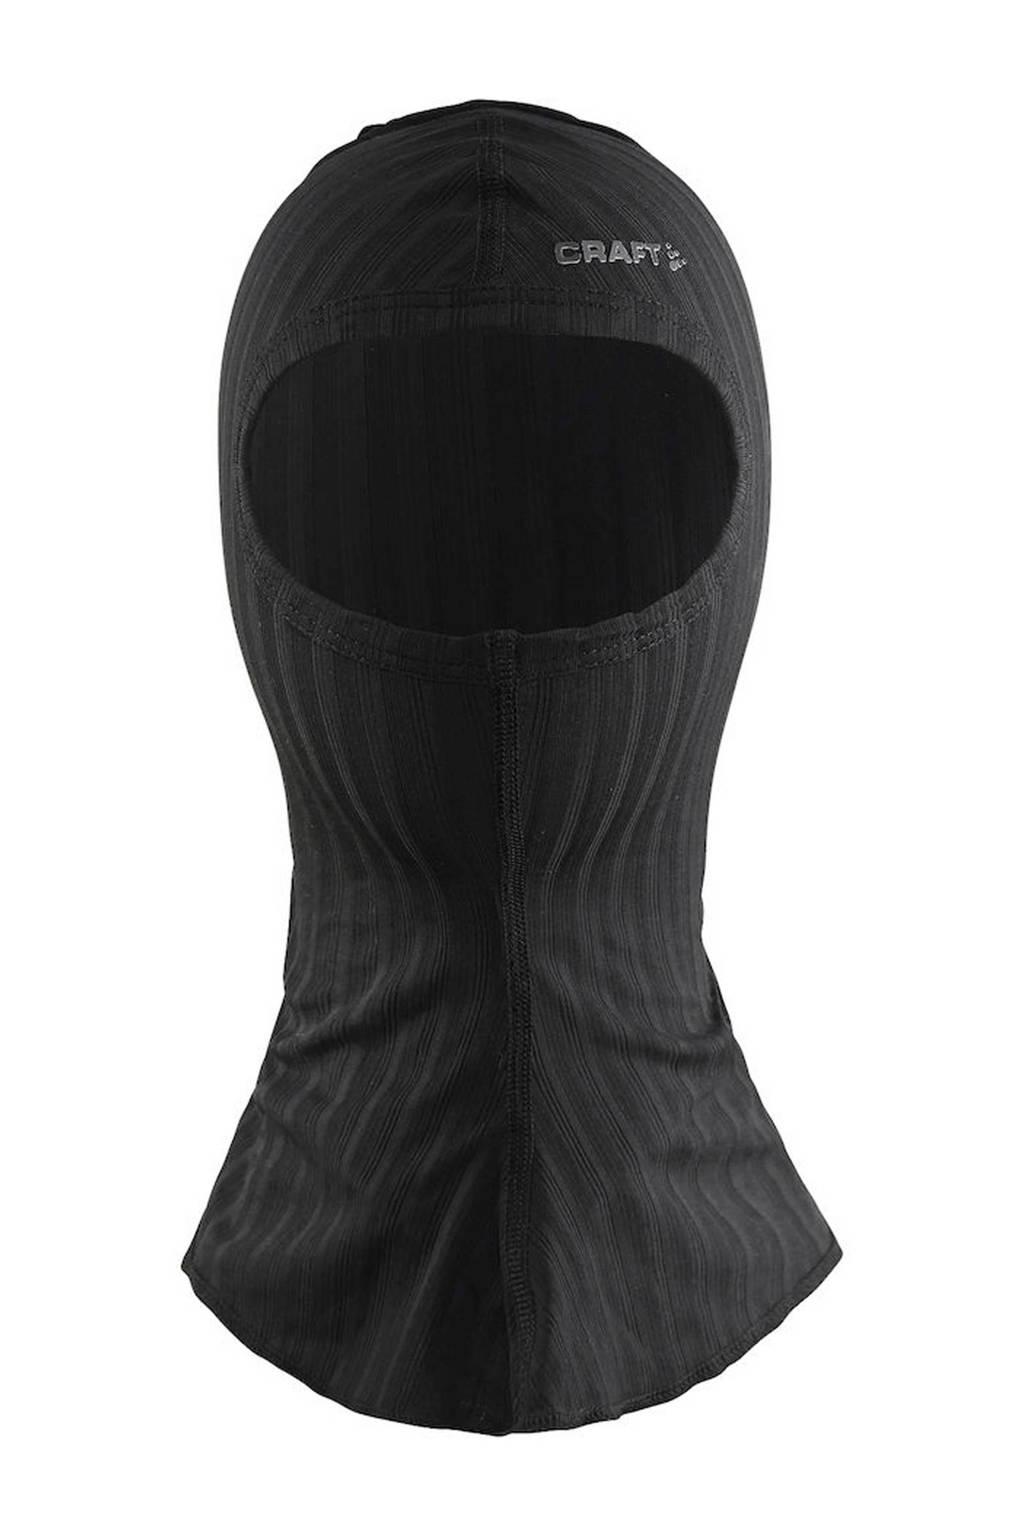 Craft   sport bivakmuts zwart, Zwart